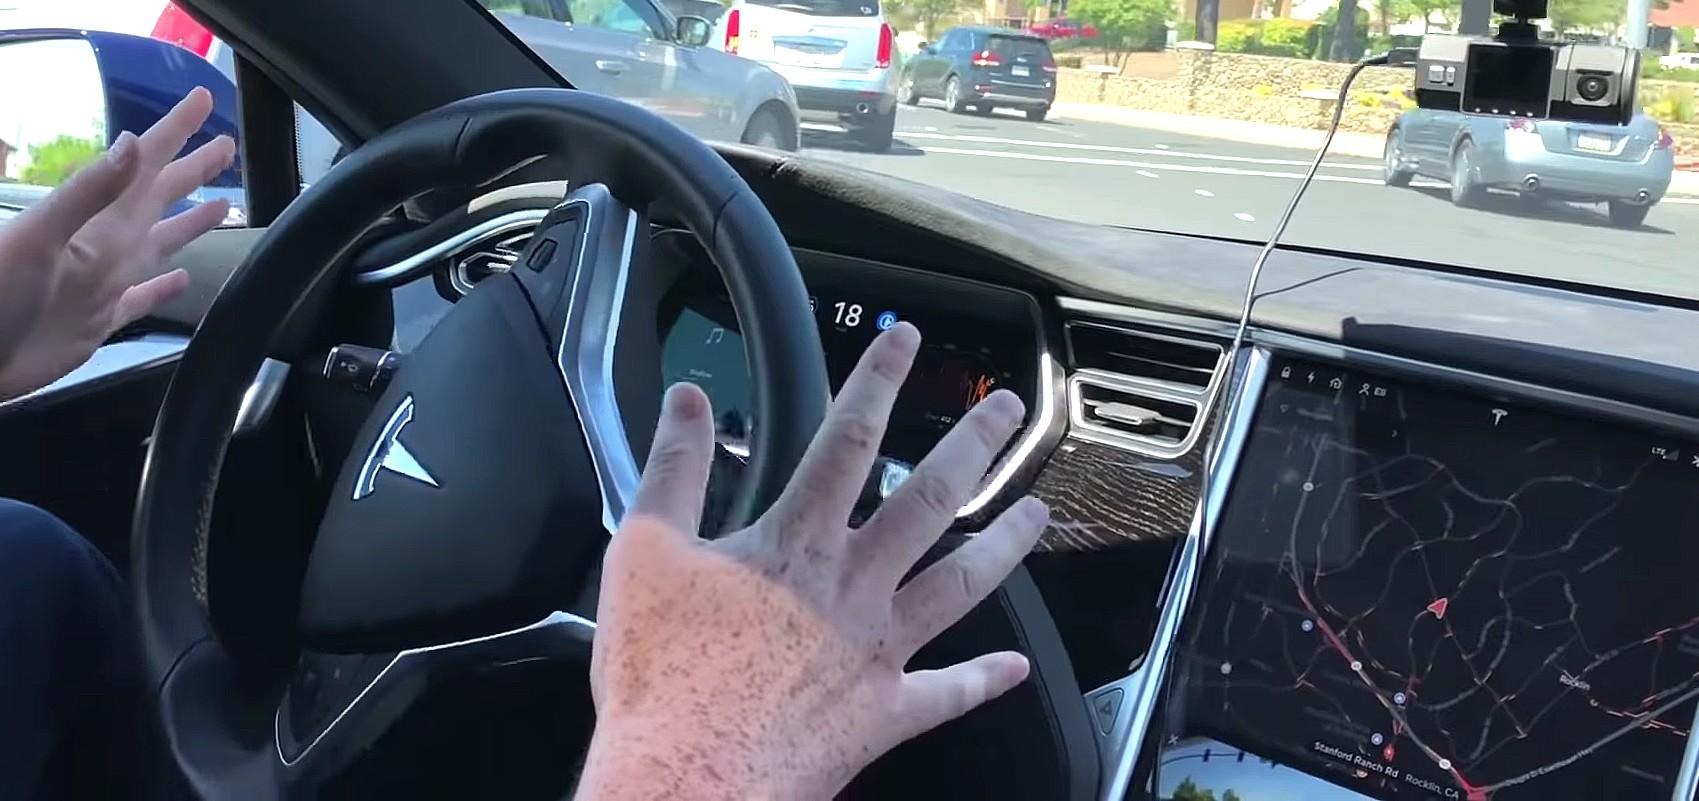 Отклонение экспертами полного толчка Теслы вождения доказывает, что Элон Маск все еще не воспринимается всерьез